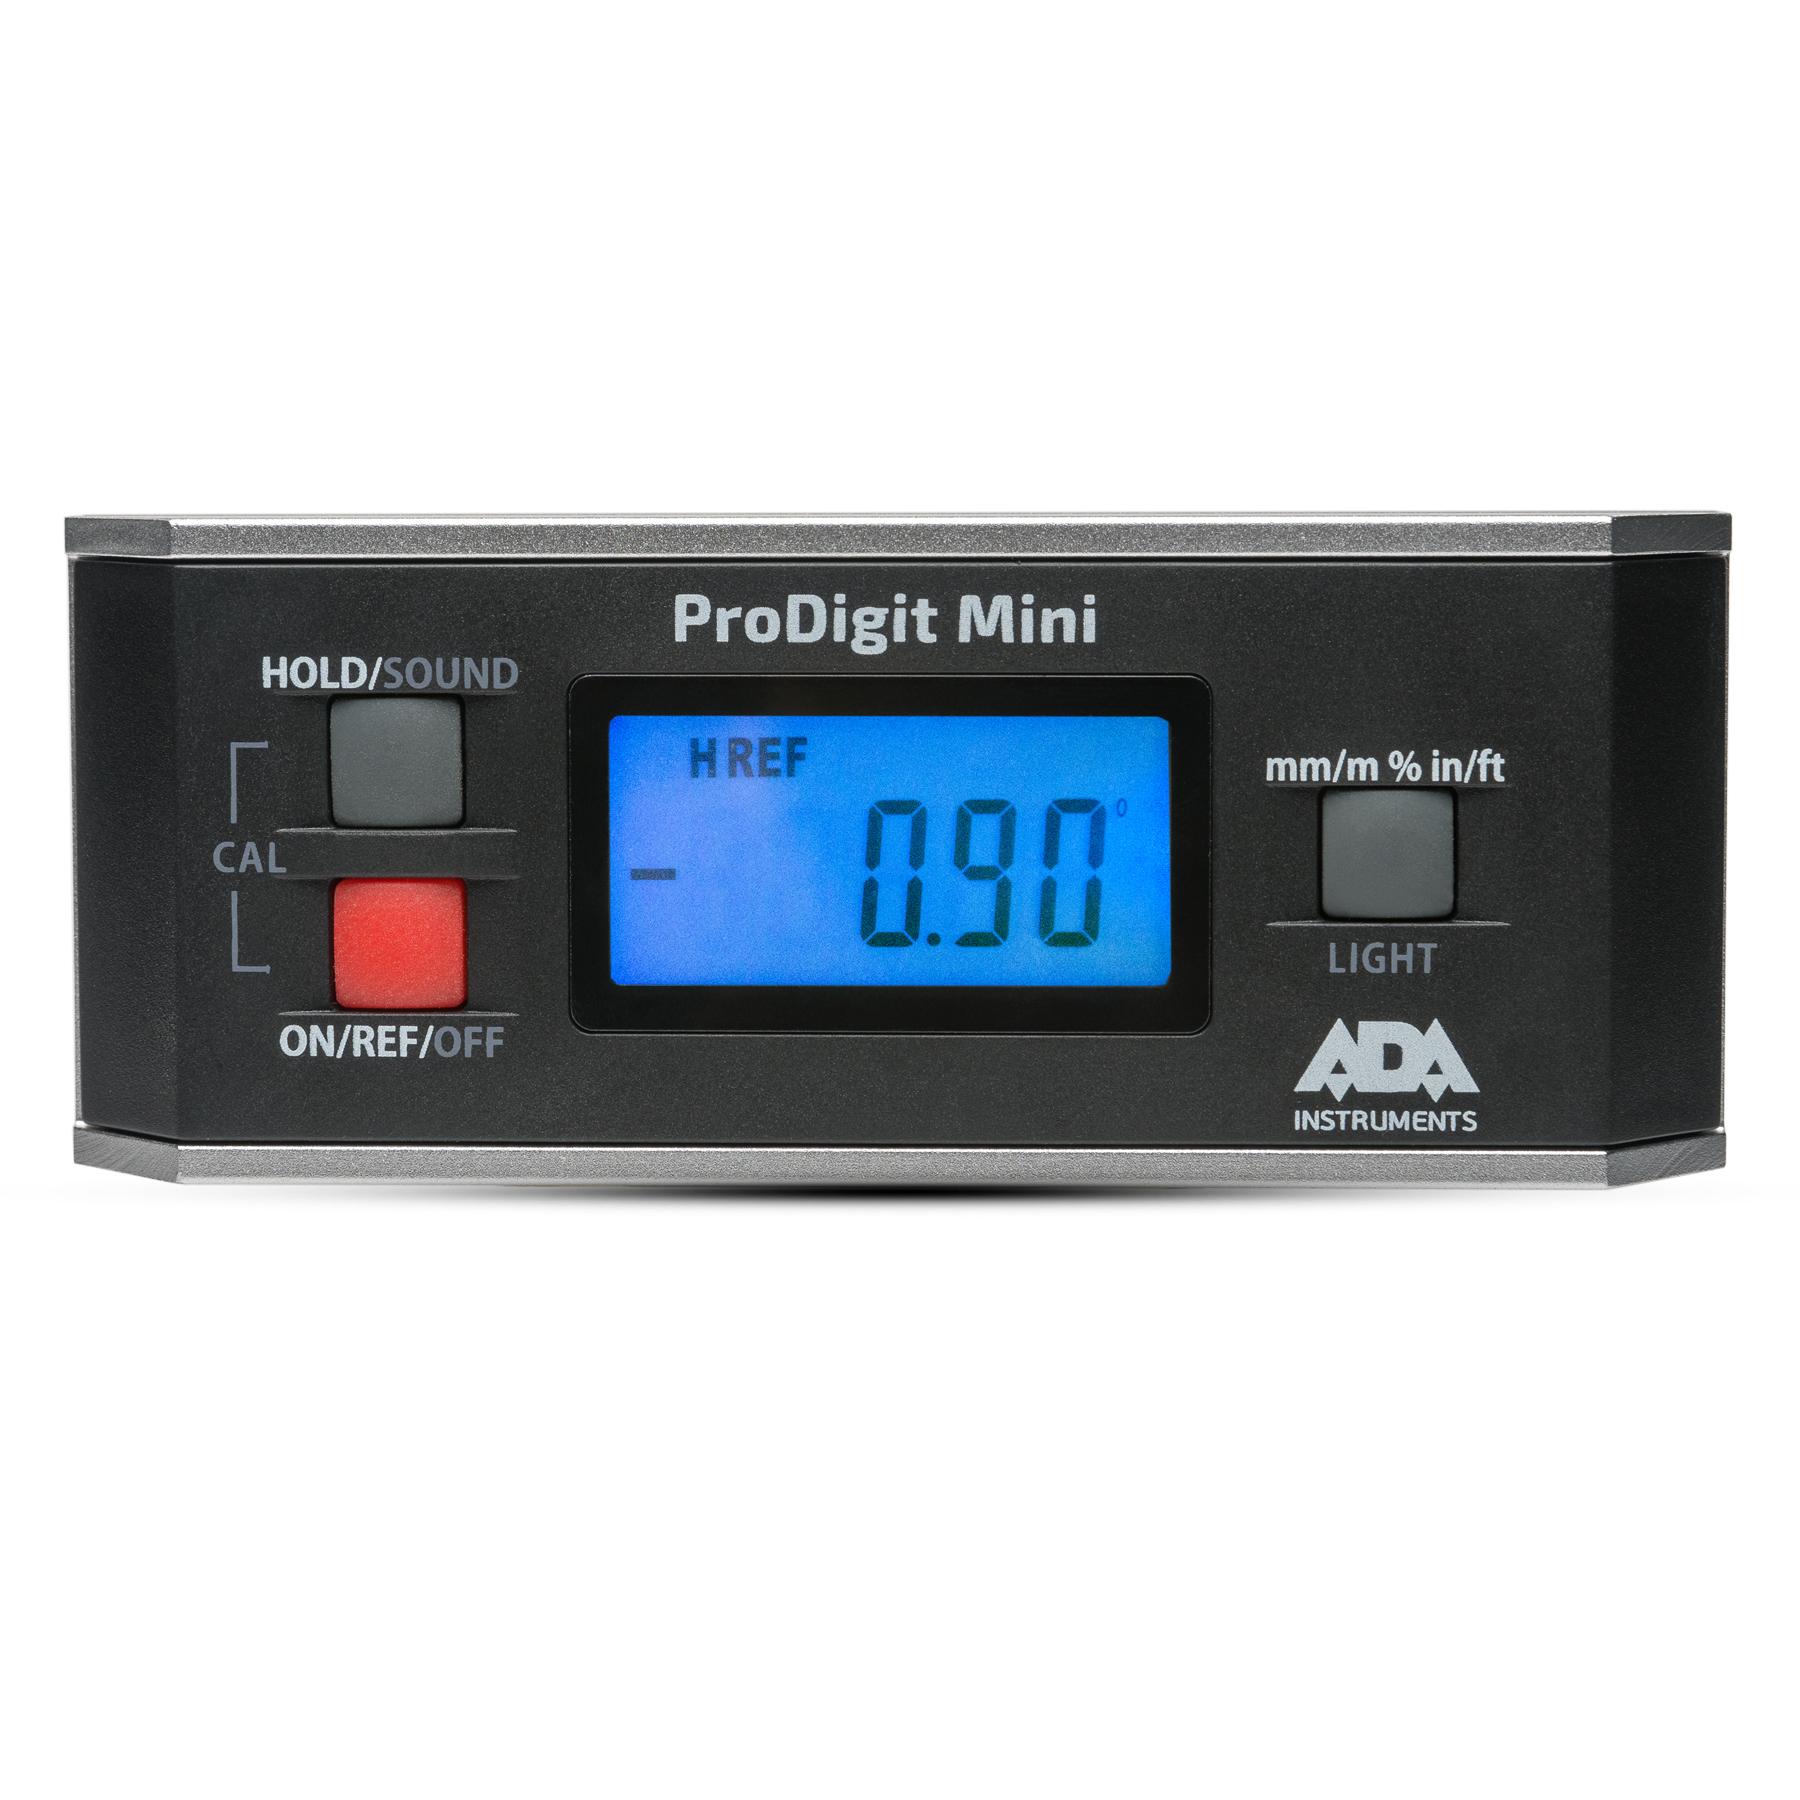 Уклономер ADA ProDigit Mini electronic level ada prodigit mini